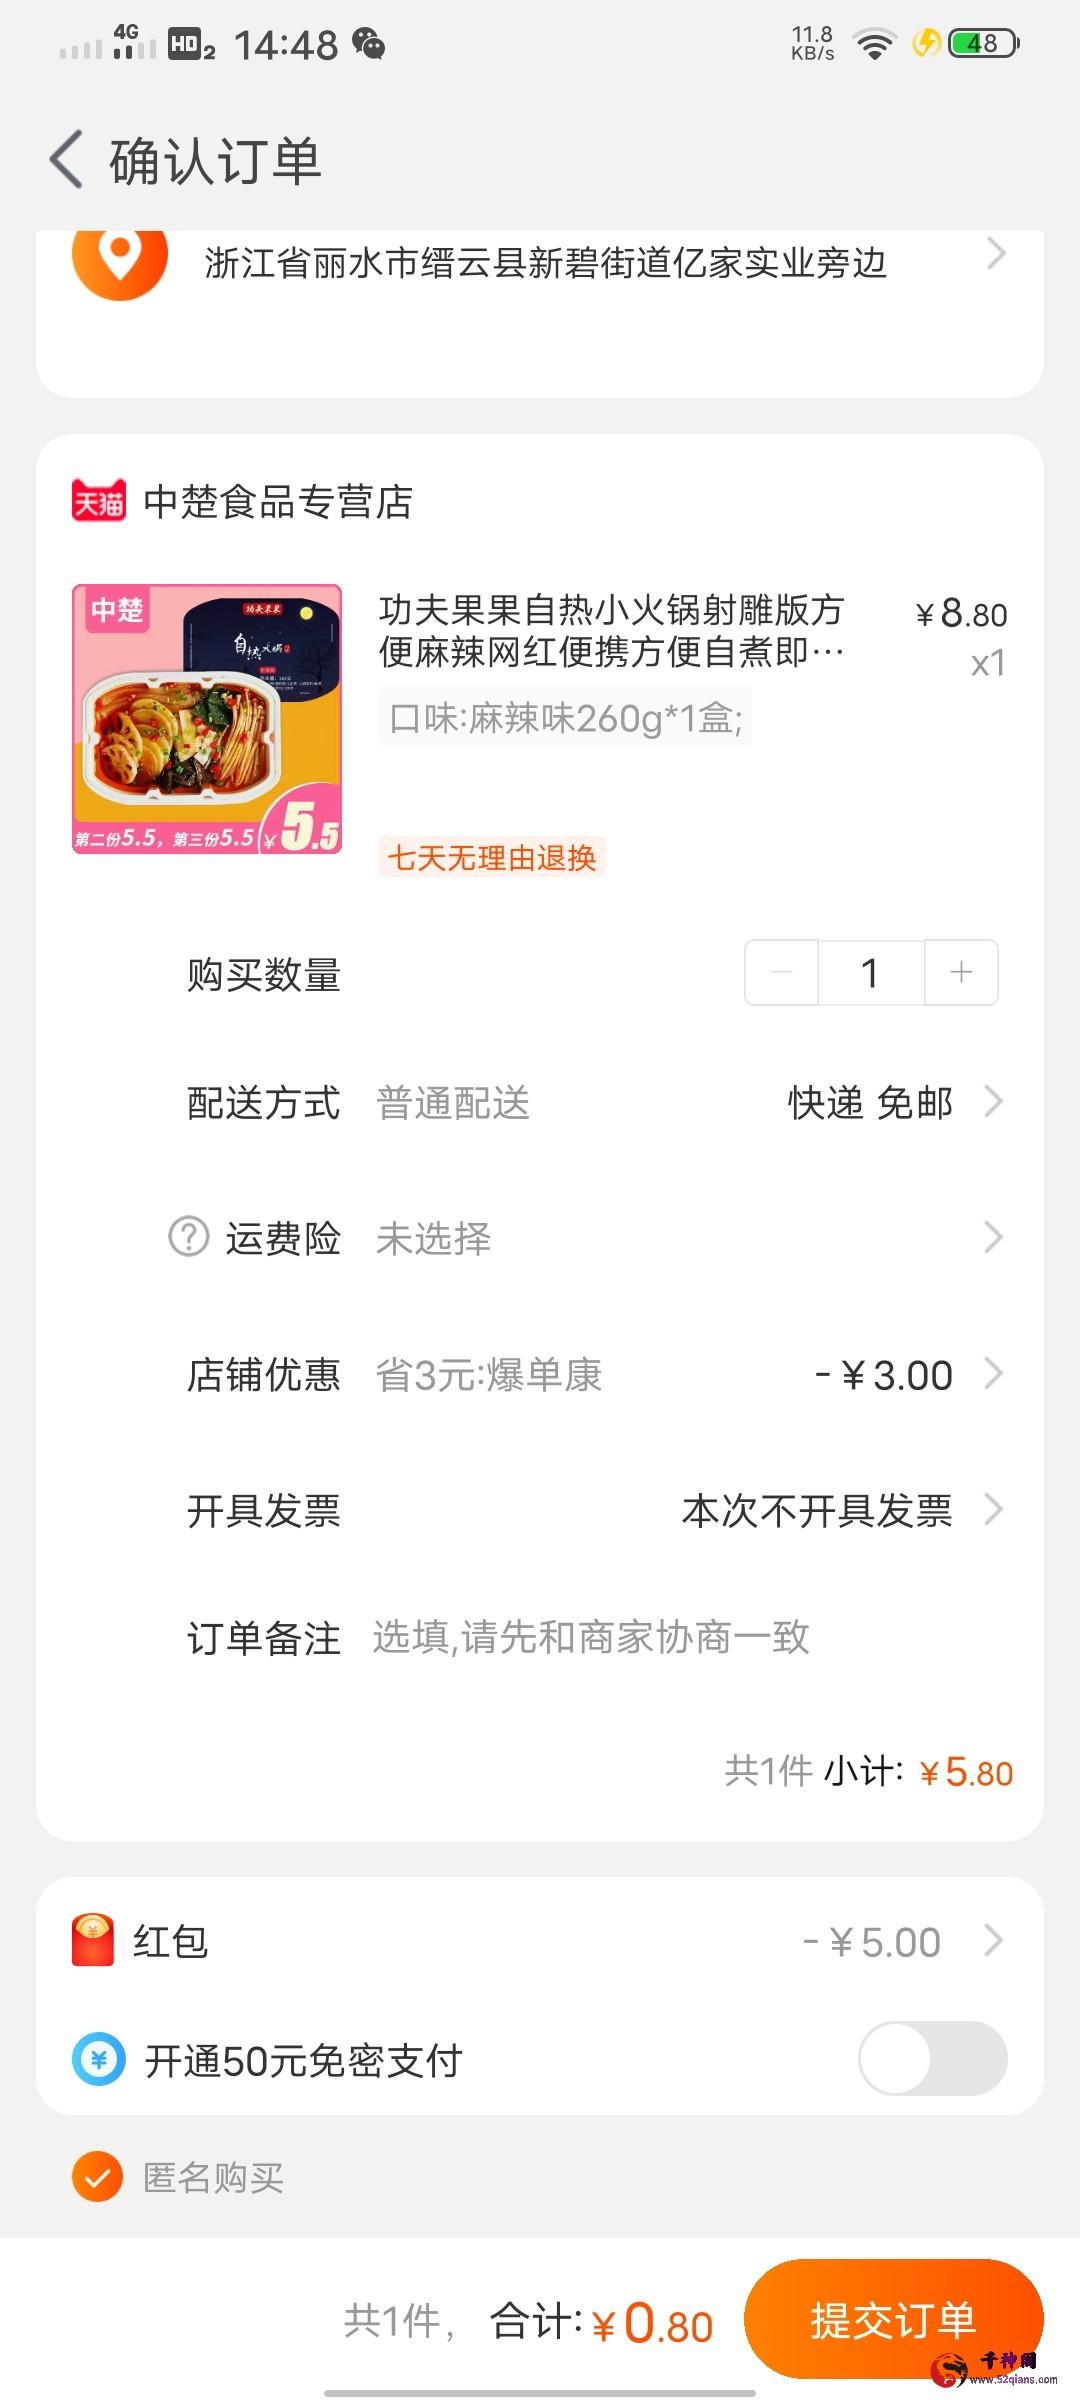 Screenshot_20200705_144850.jpg